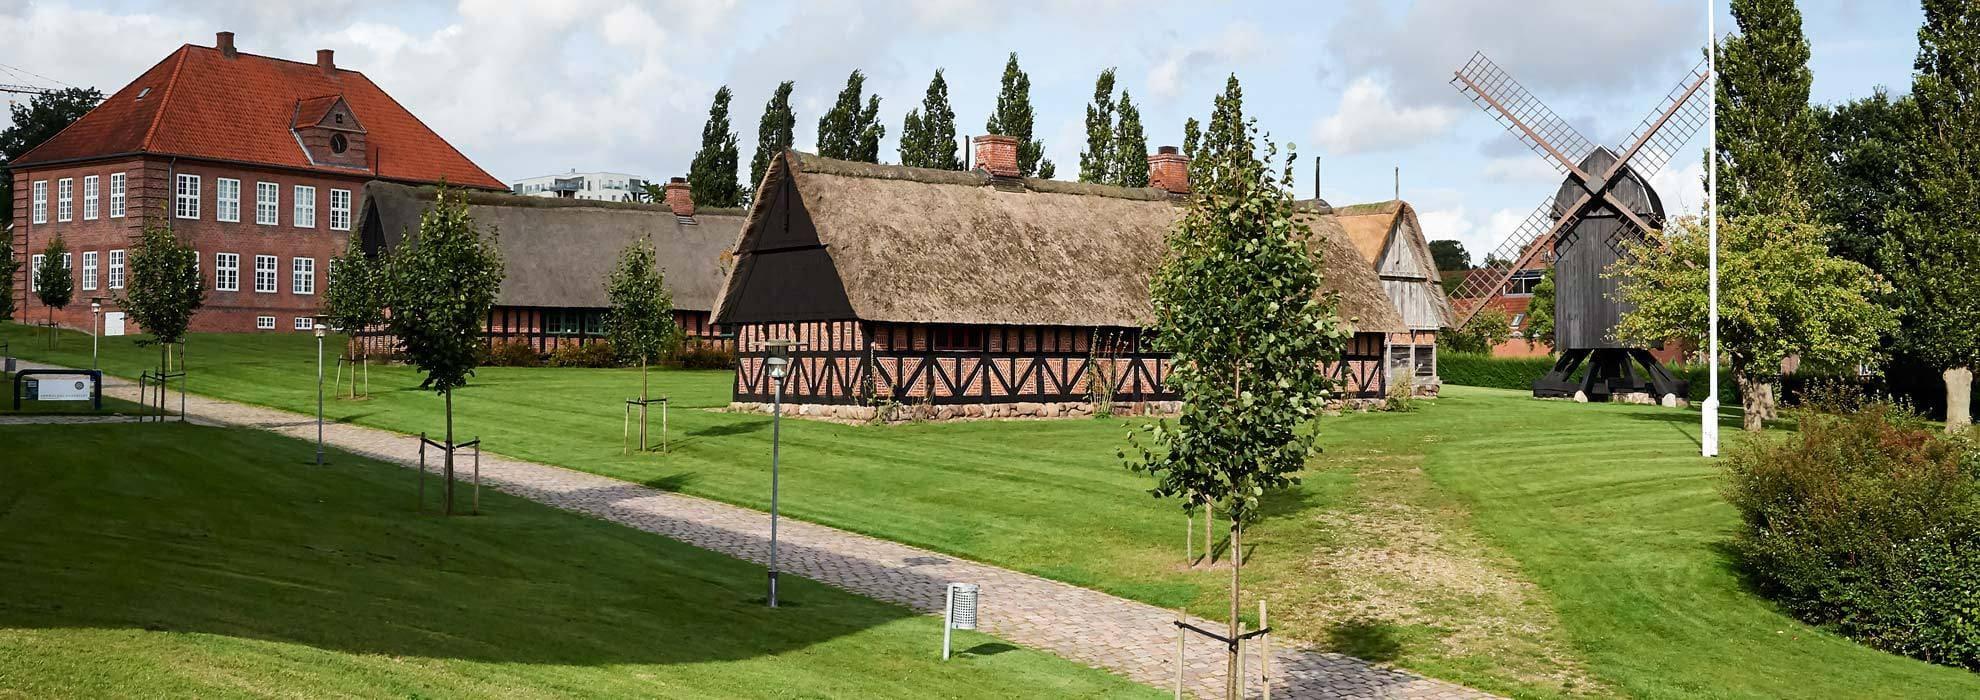 De sønderjyske købstæder i middelalderen – Haderslev